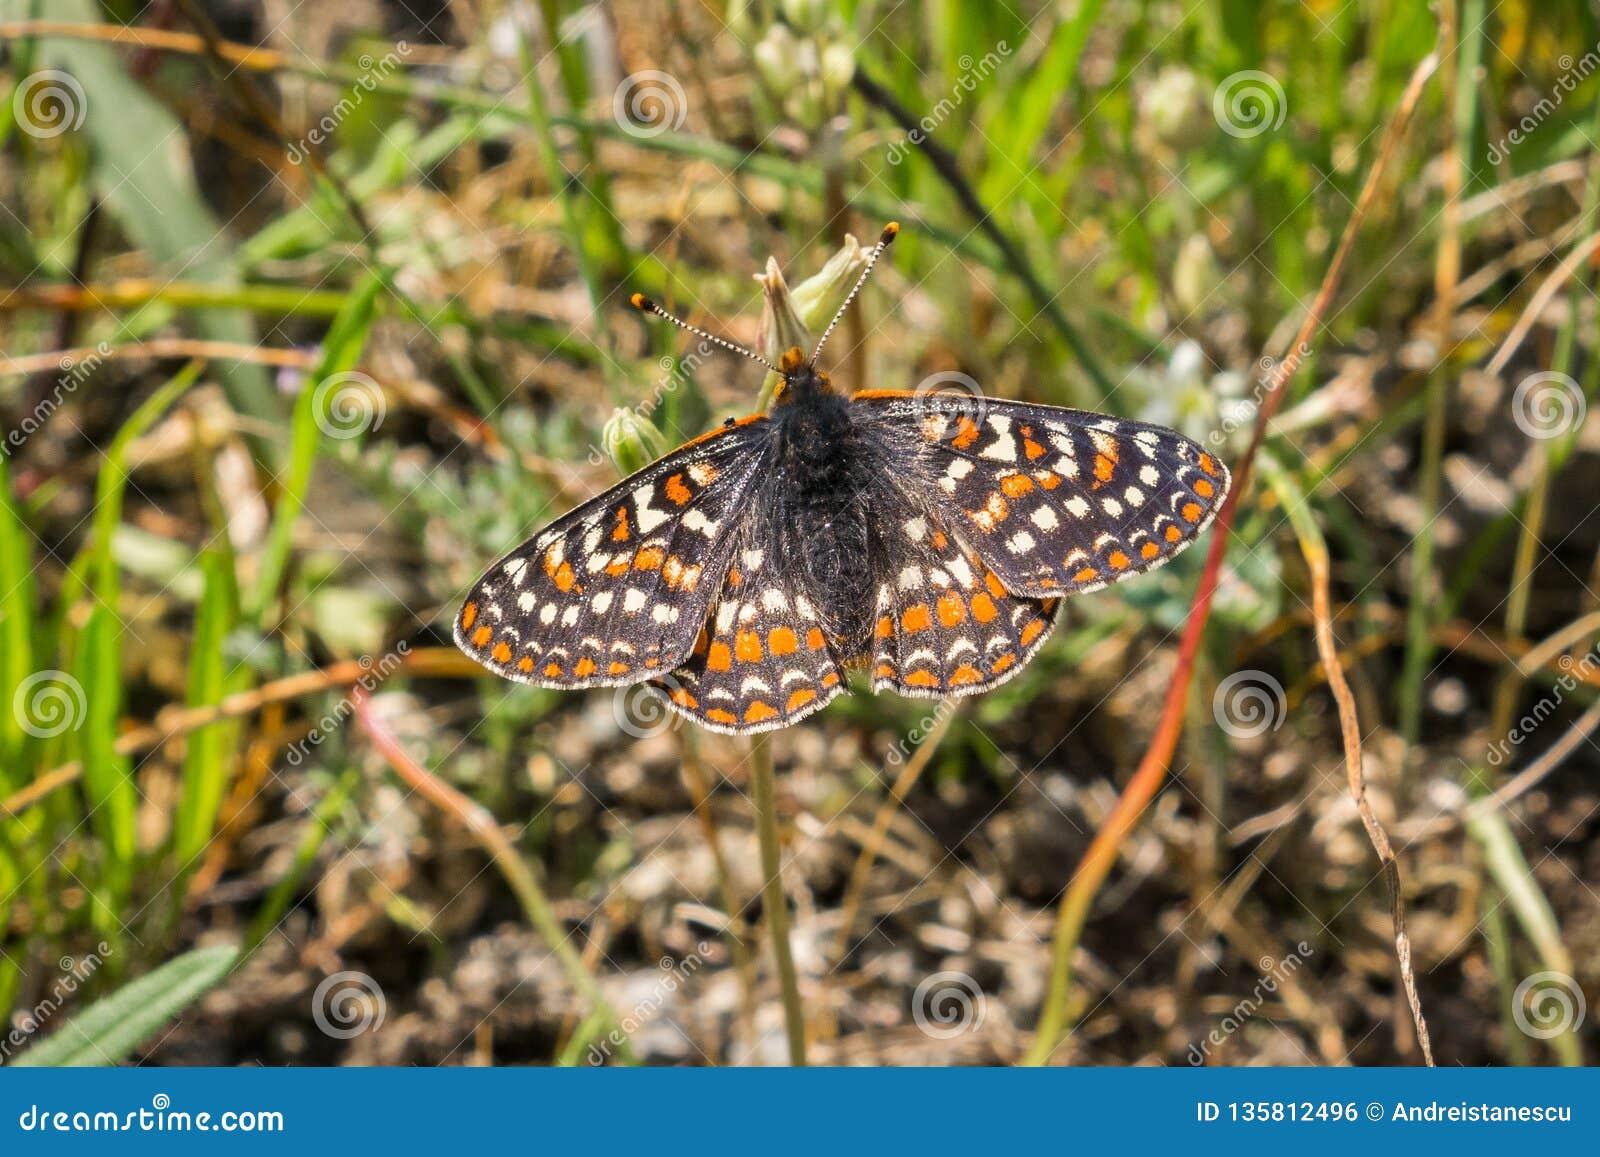 De vlinder die van baaicheckerspot (bayensis van Euphydryas Editha) in het gras rusten; geclassificeerd als federaal bedreigde sp